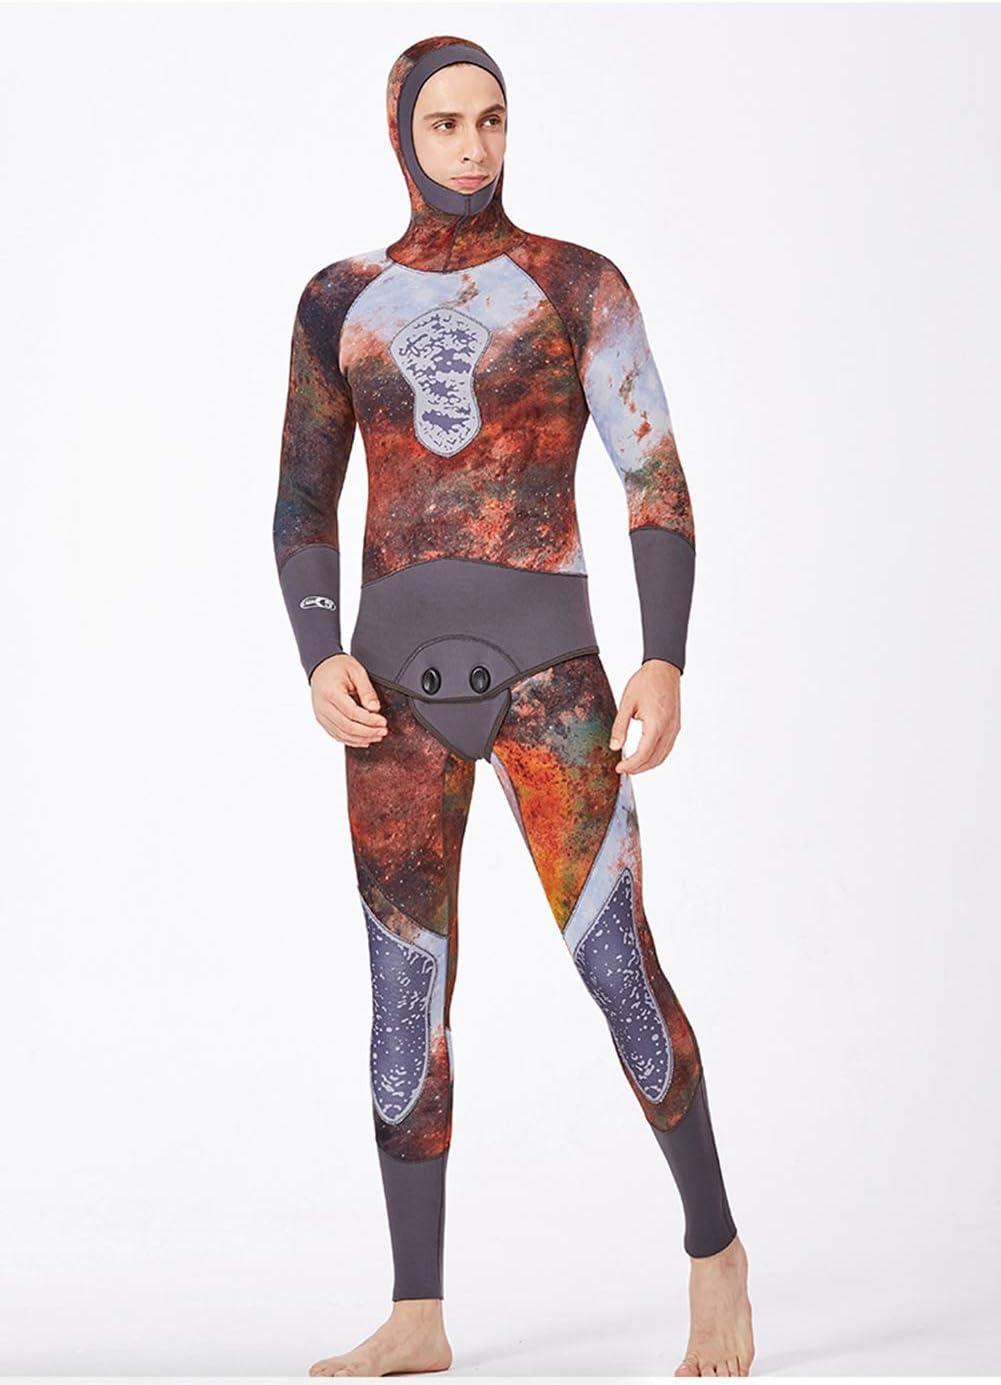 迷彩スピアフィッシングウェットスーツ男性5 Mmネオプレン2ピースフード付きスーパーストレッチダイビングスーツ,XXL  XX-Large